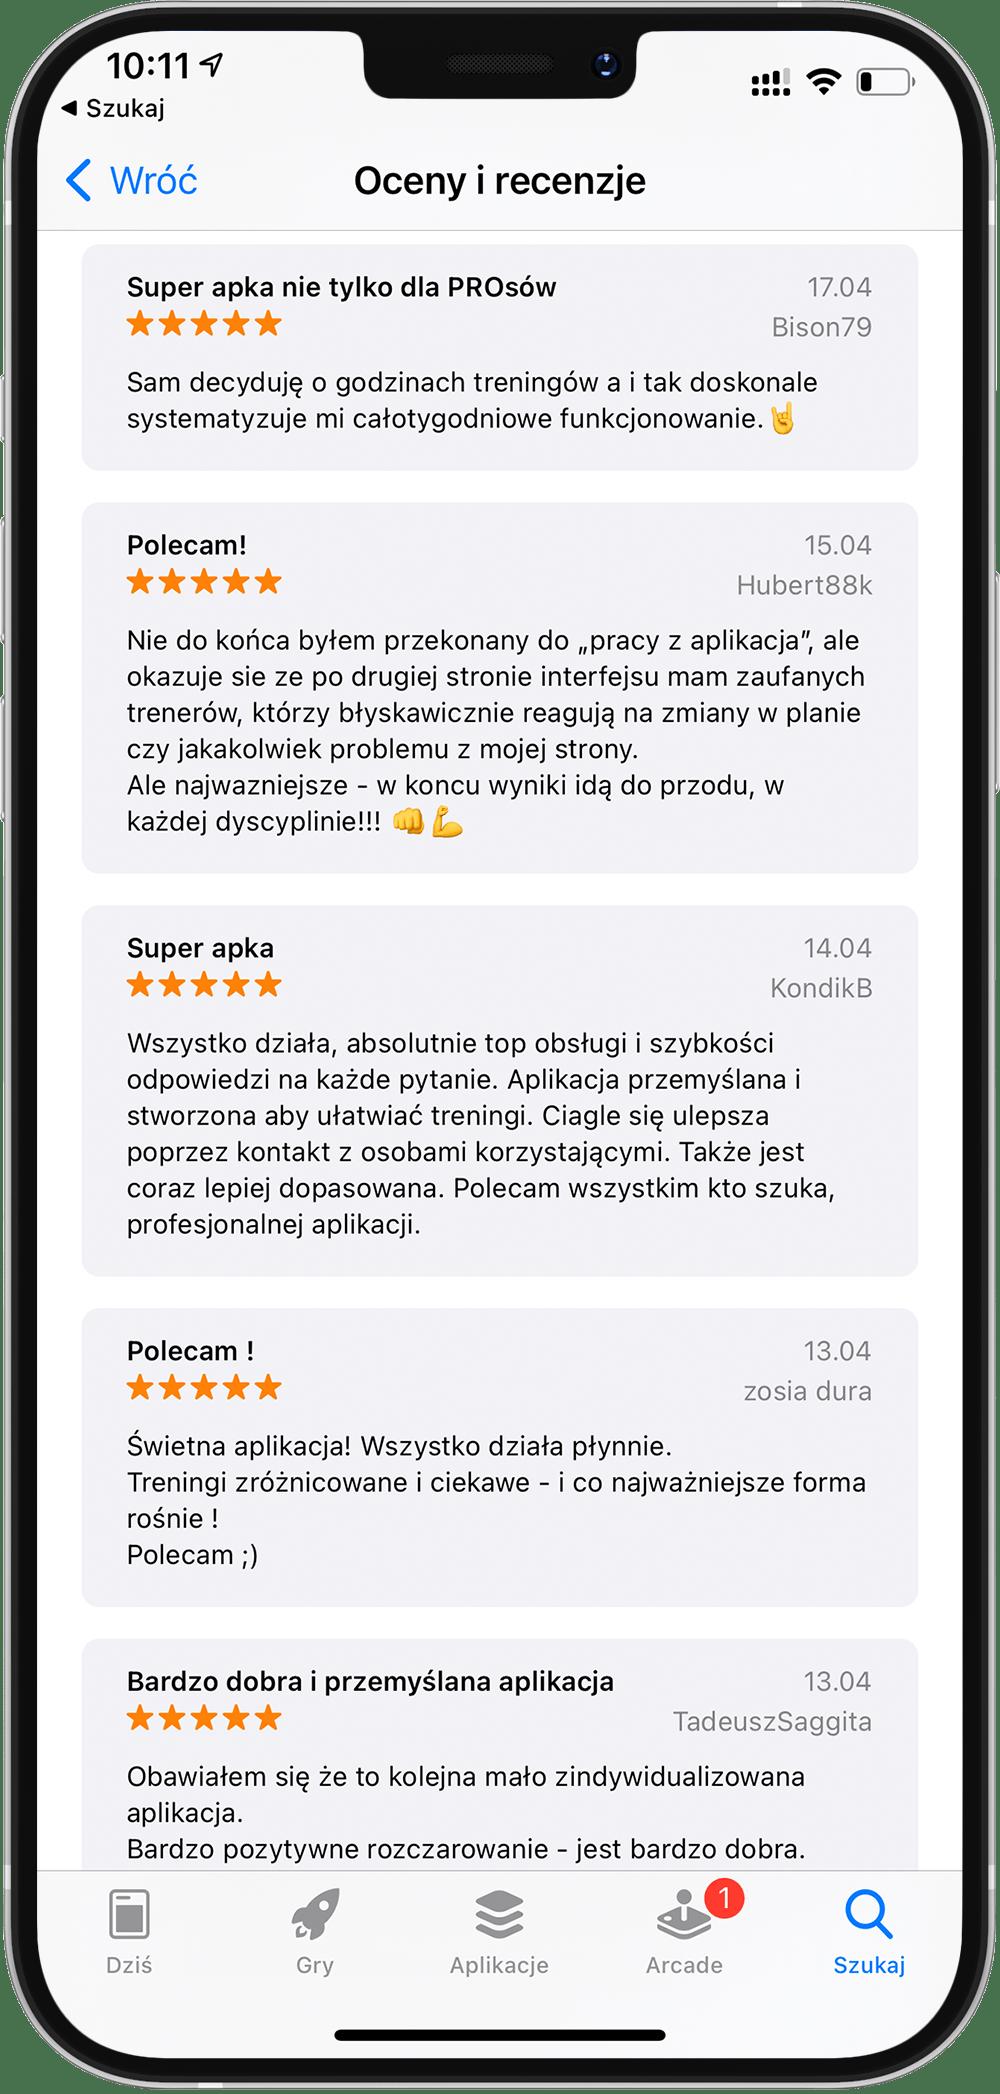 mockup-opinie-120520-8